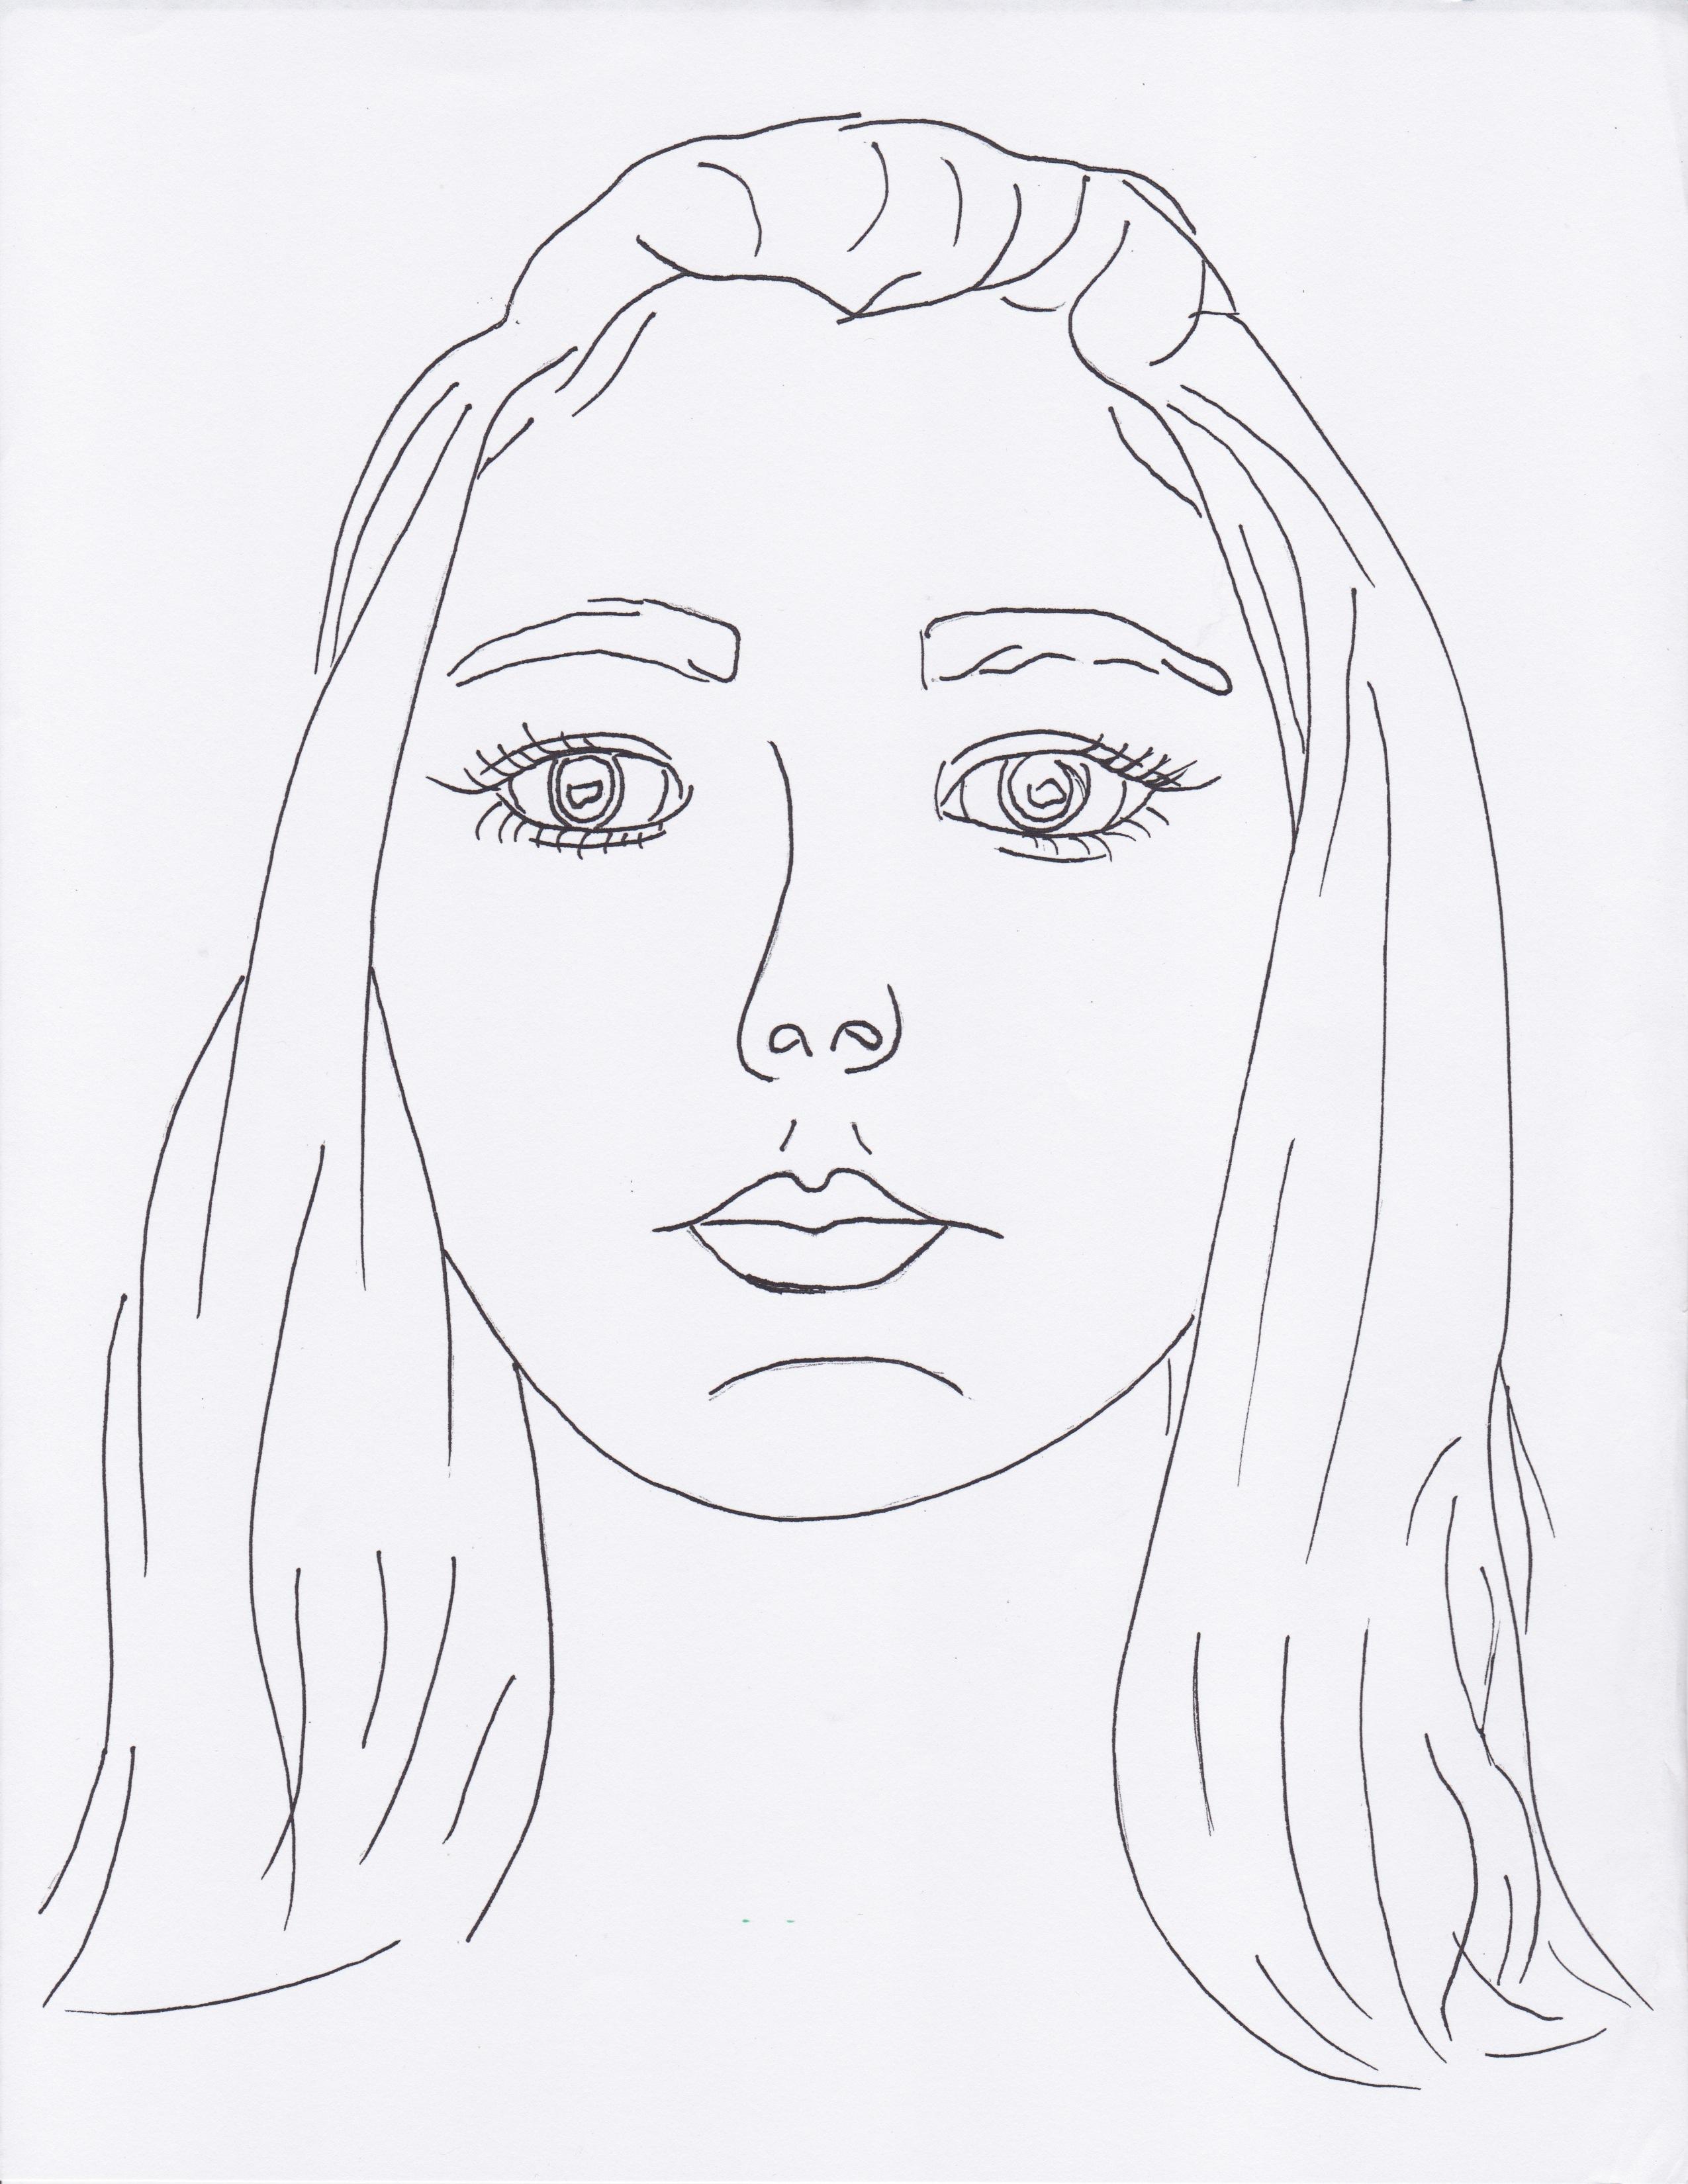 2550x3300 Self Portrait Line Drawing Simple Self Portrait Contour Line